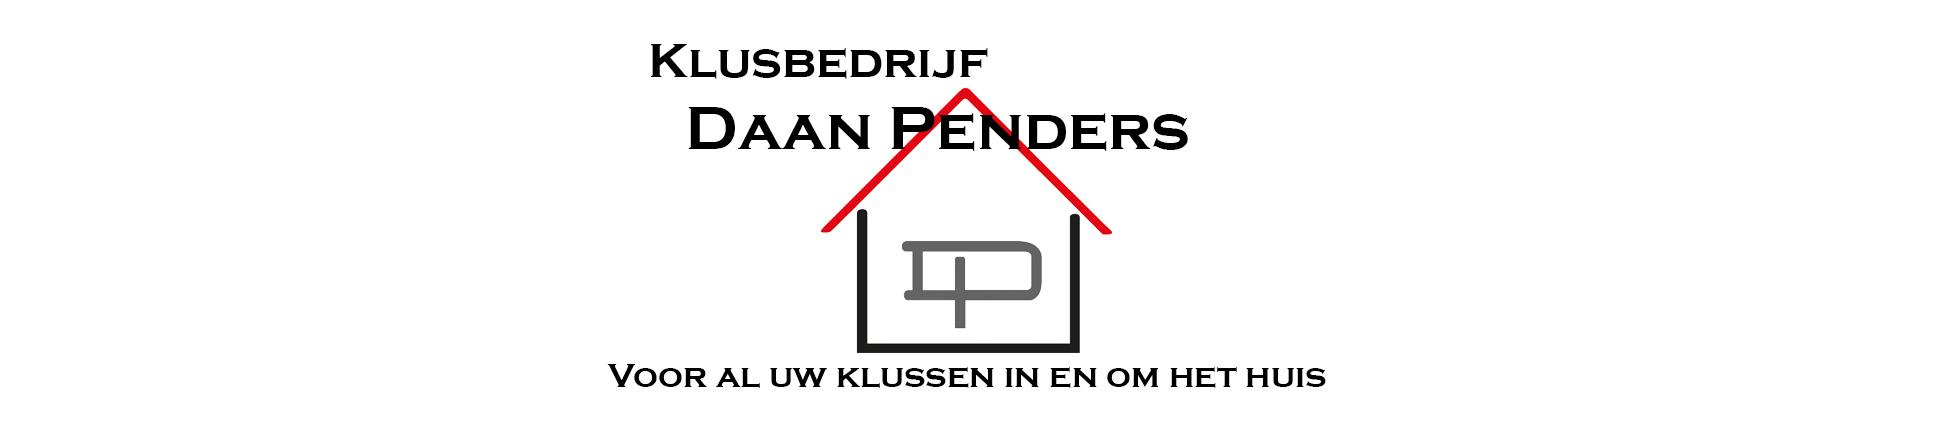 Daan Penders